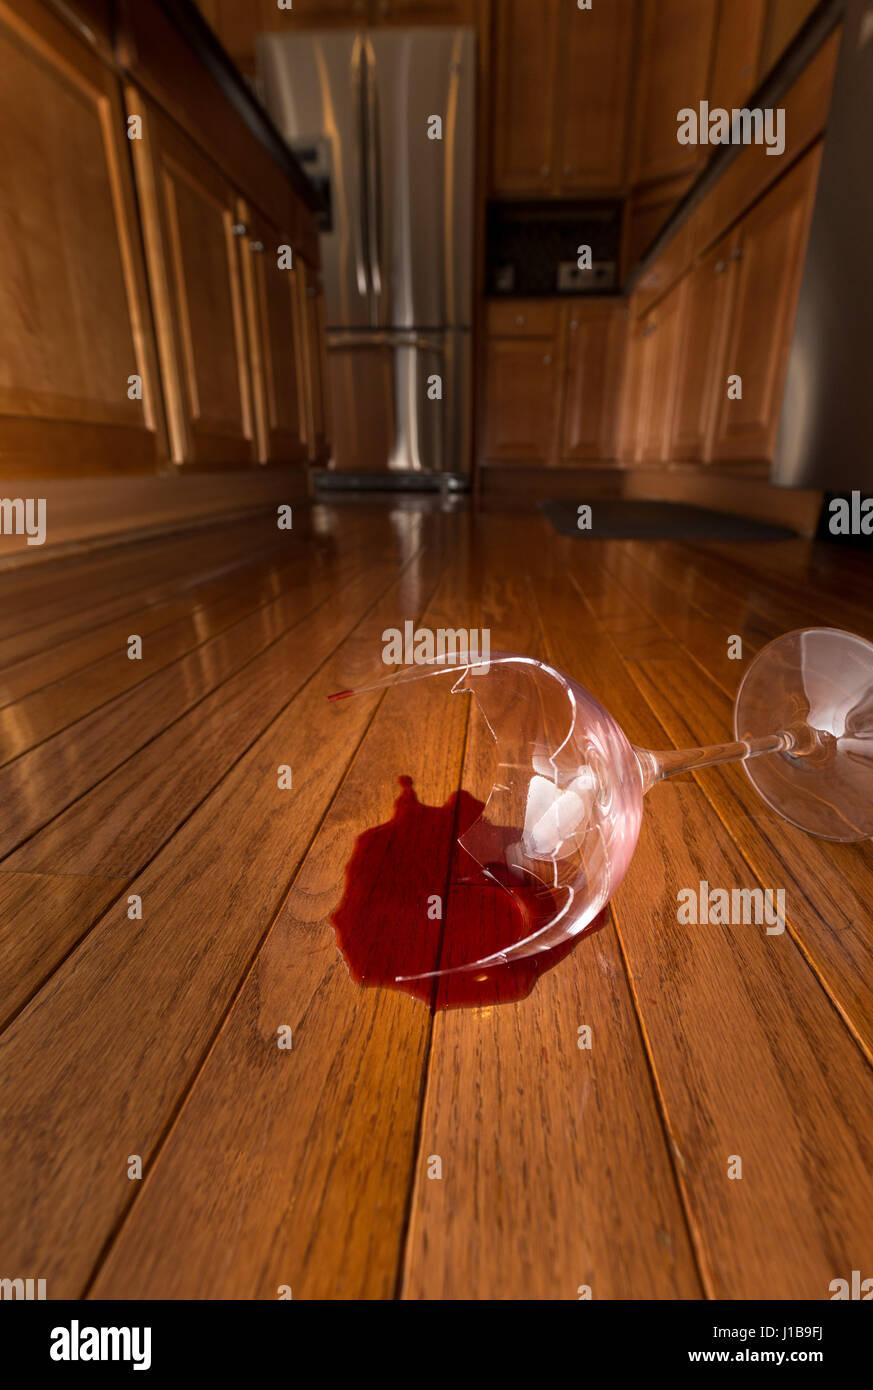 Verre à vin brisée sur le plancher de cuisine moderne - la violence domestique concept Photo Stock